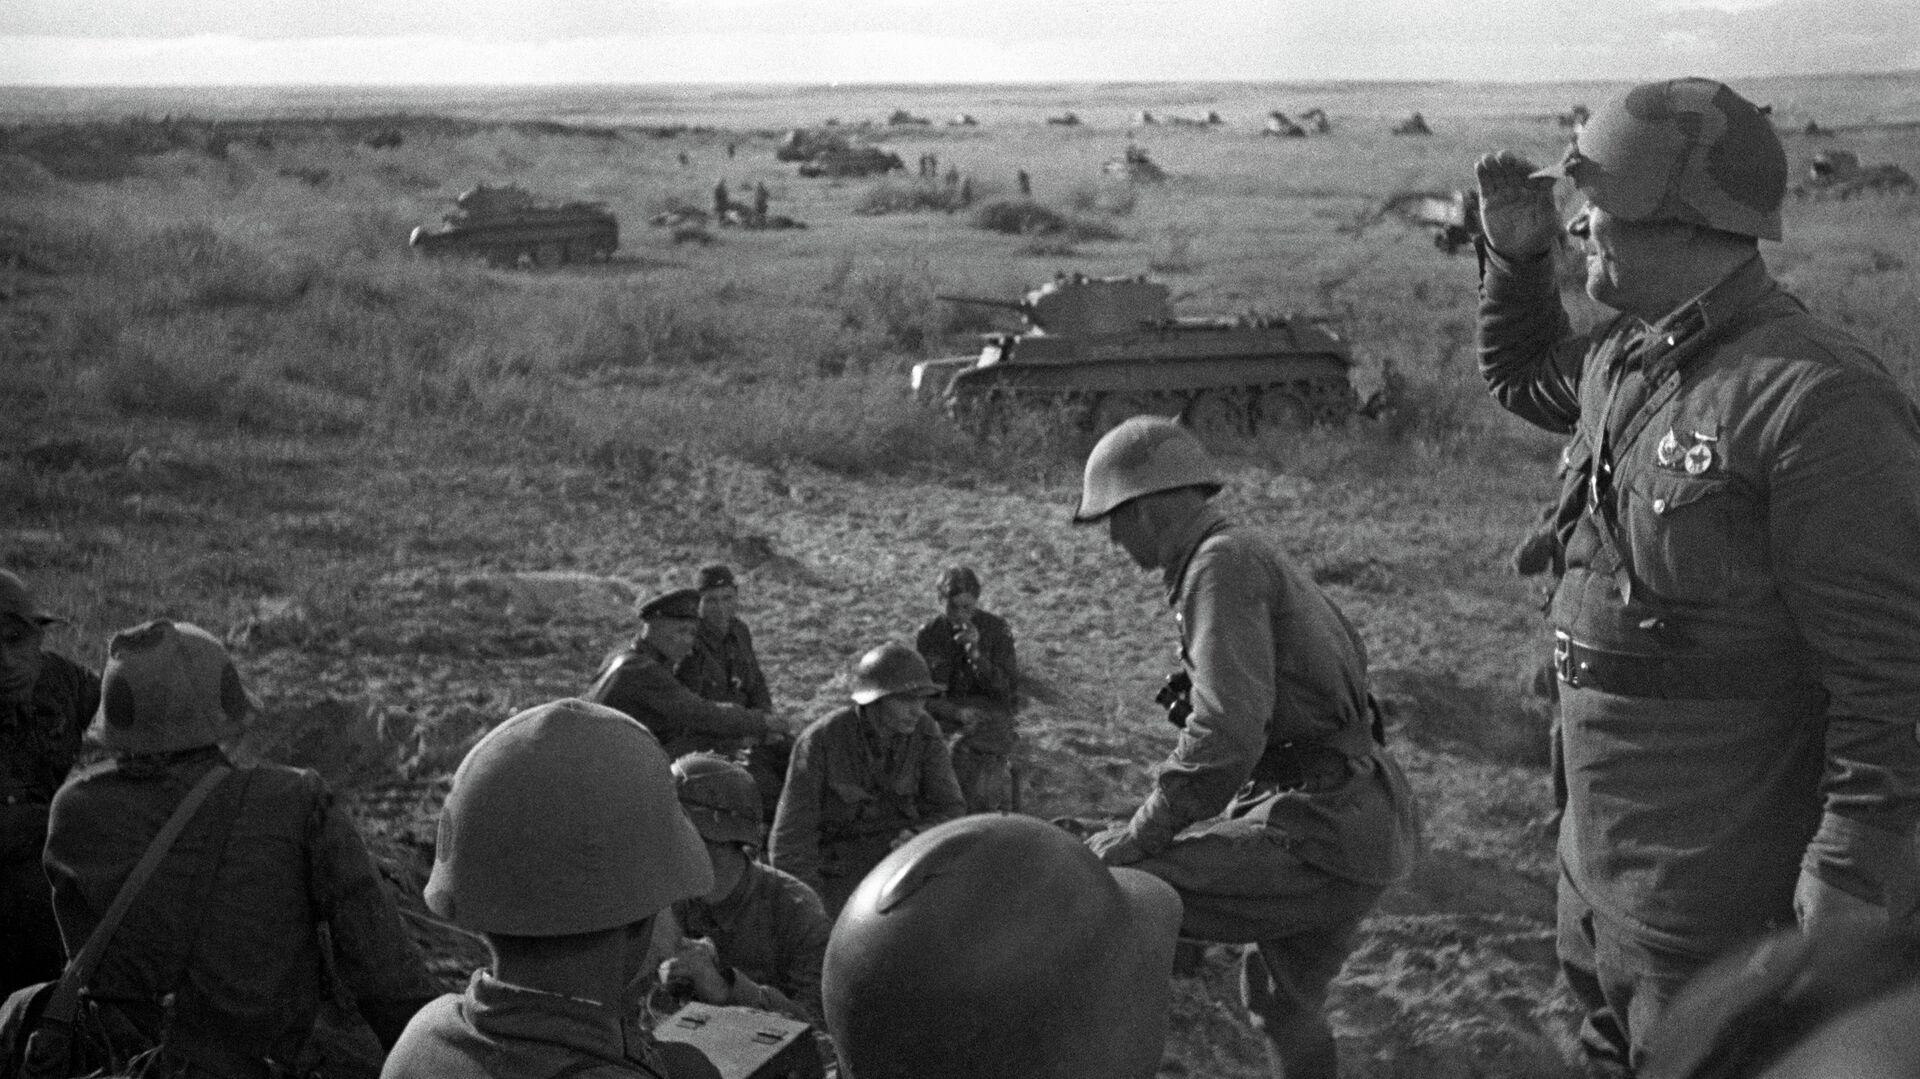 Офицеры 11-й советской танковой бригады на горе Баин-Цаган на Халхин-Голе перед атакой, 1939 год - РИА Новости, 1920, 19.08.2019